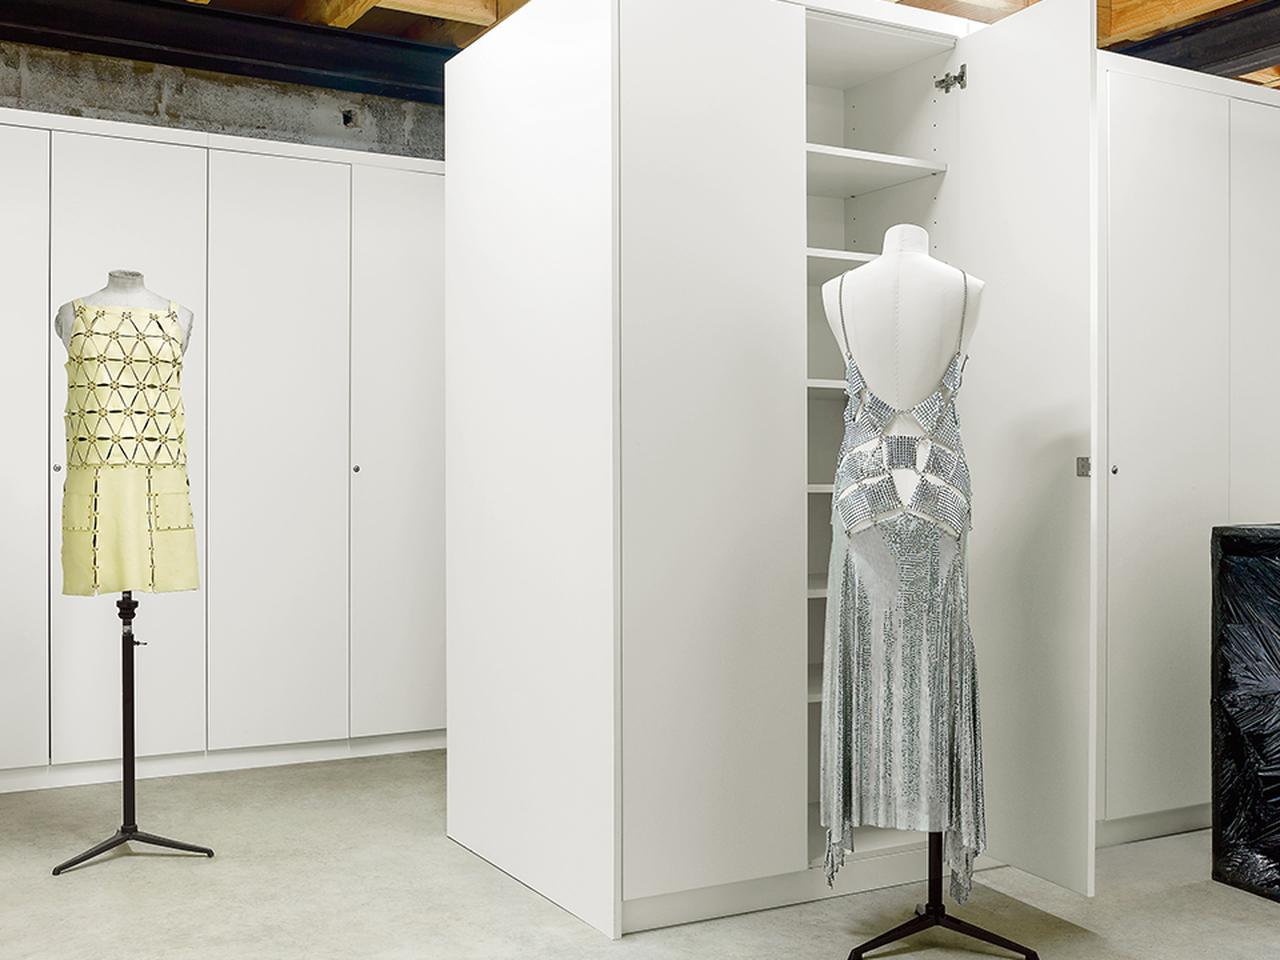 Images : 3番目の画像 - 「ファッションは 温故知新か、革新か―― <後編>」のアルバム - T JAPAN:The New York Times Style Magazine 公式サイト